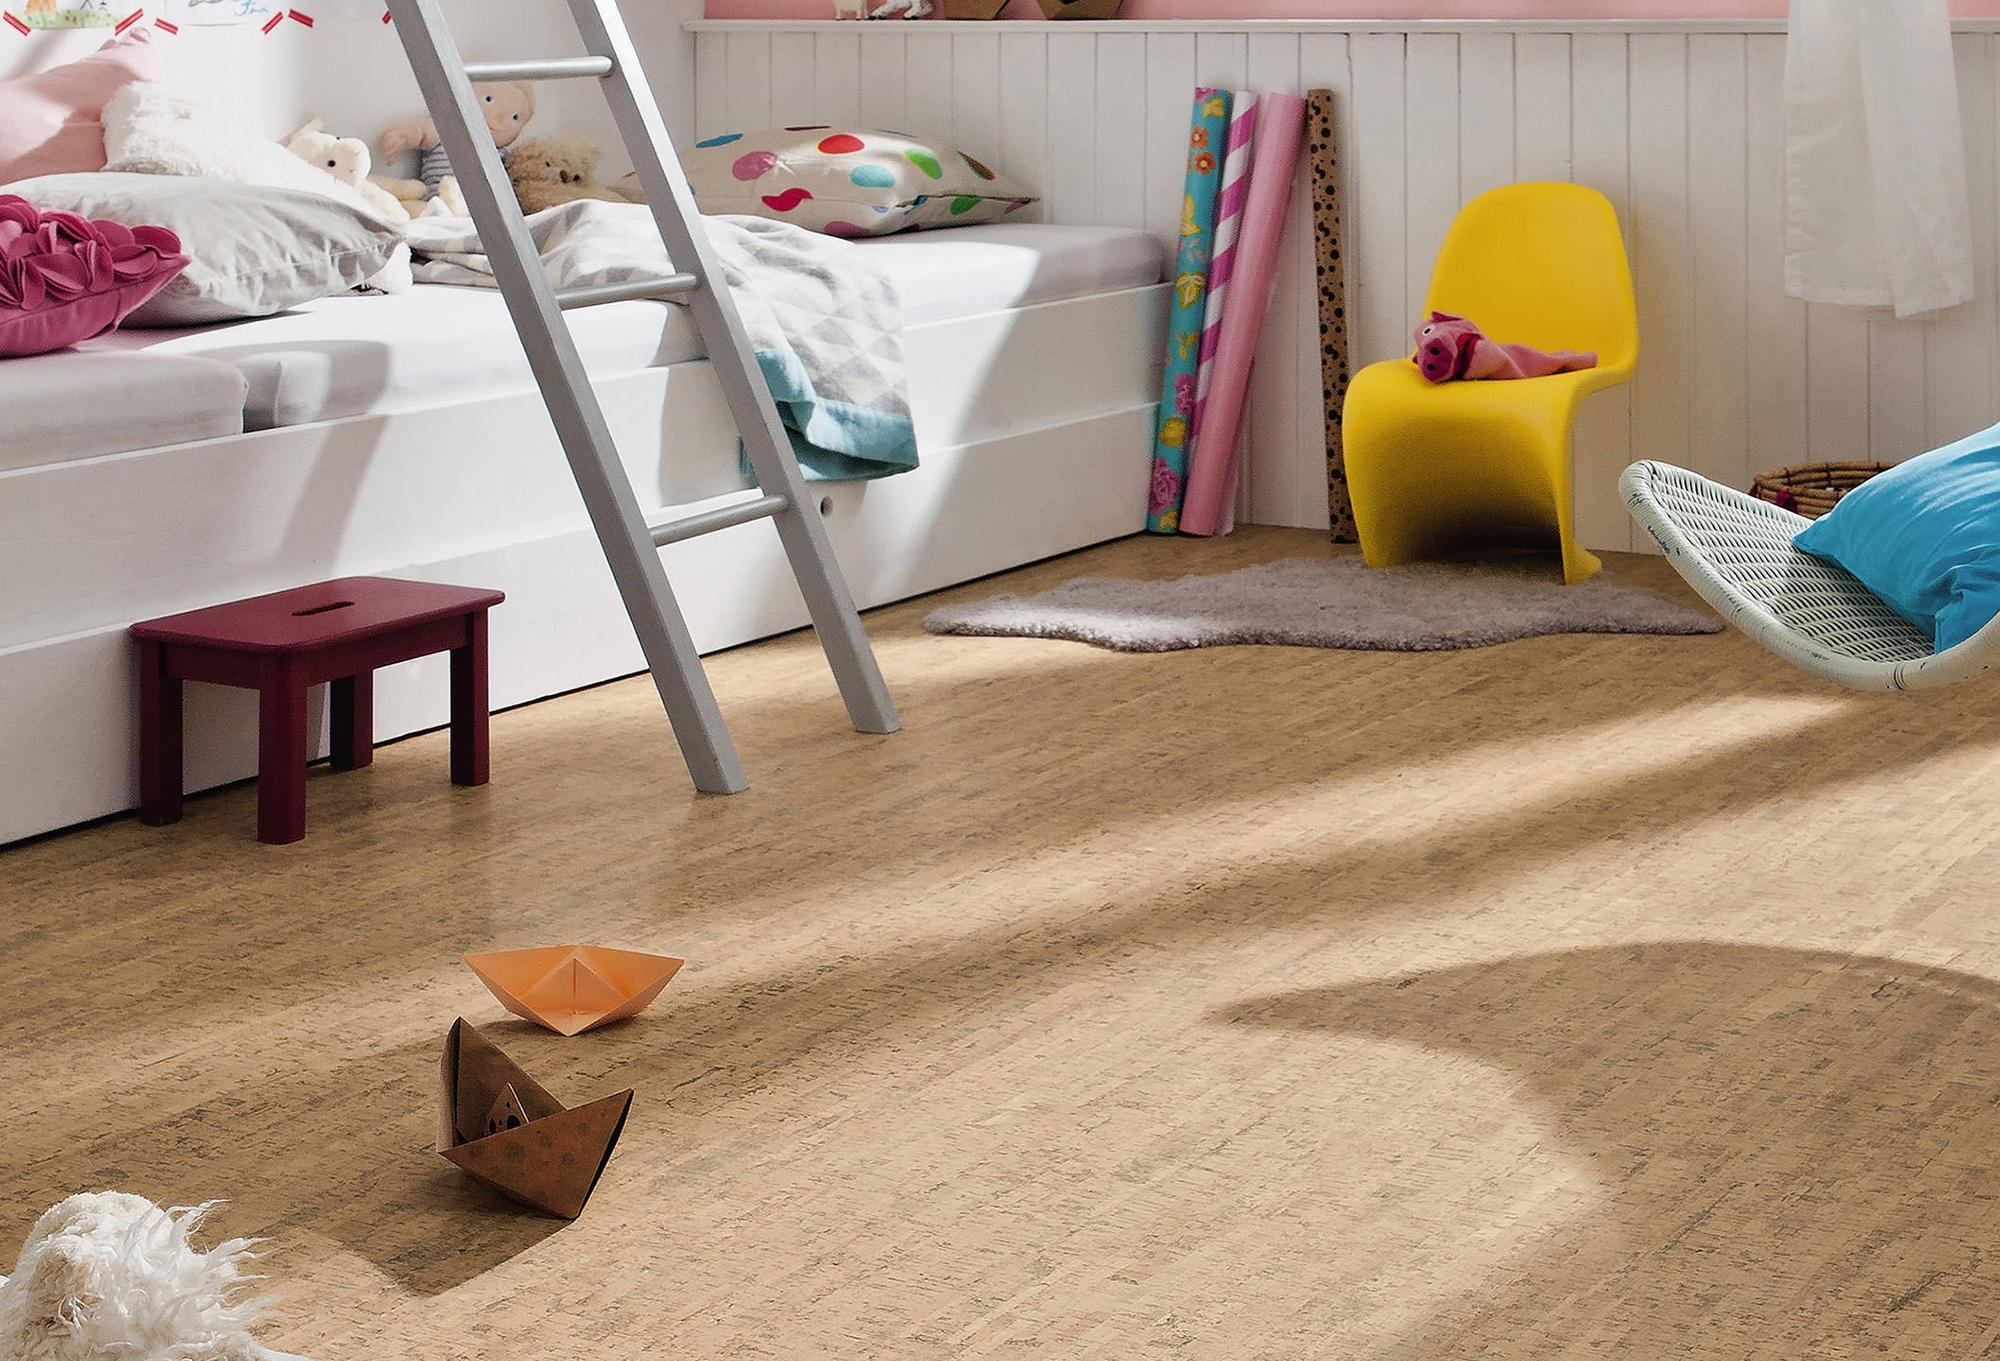 Se lleva el corcho ideas objetos bonitos y decorativos - Suelo habitacion ninos ...